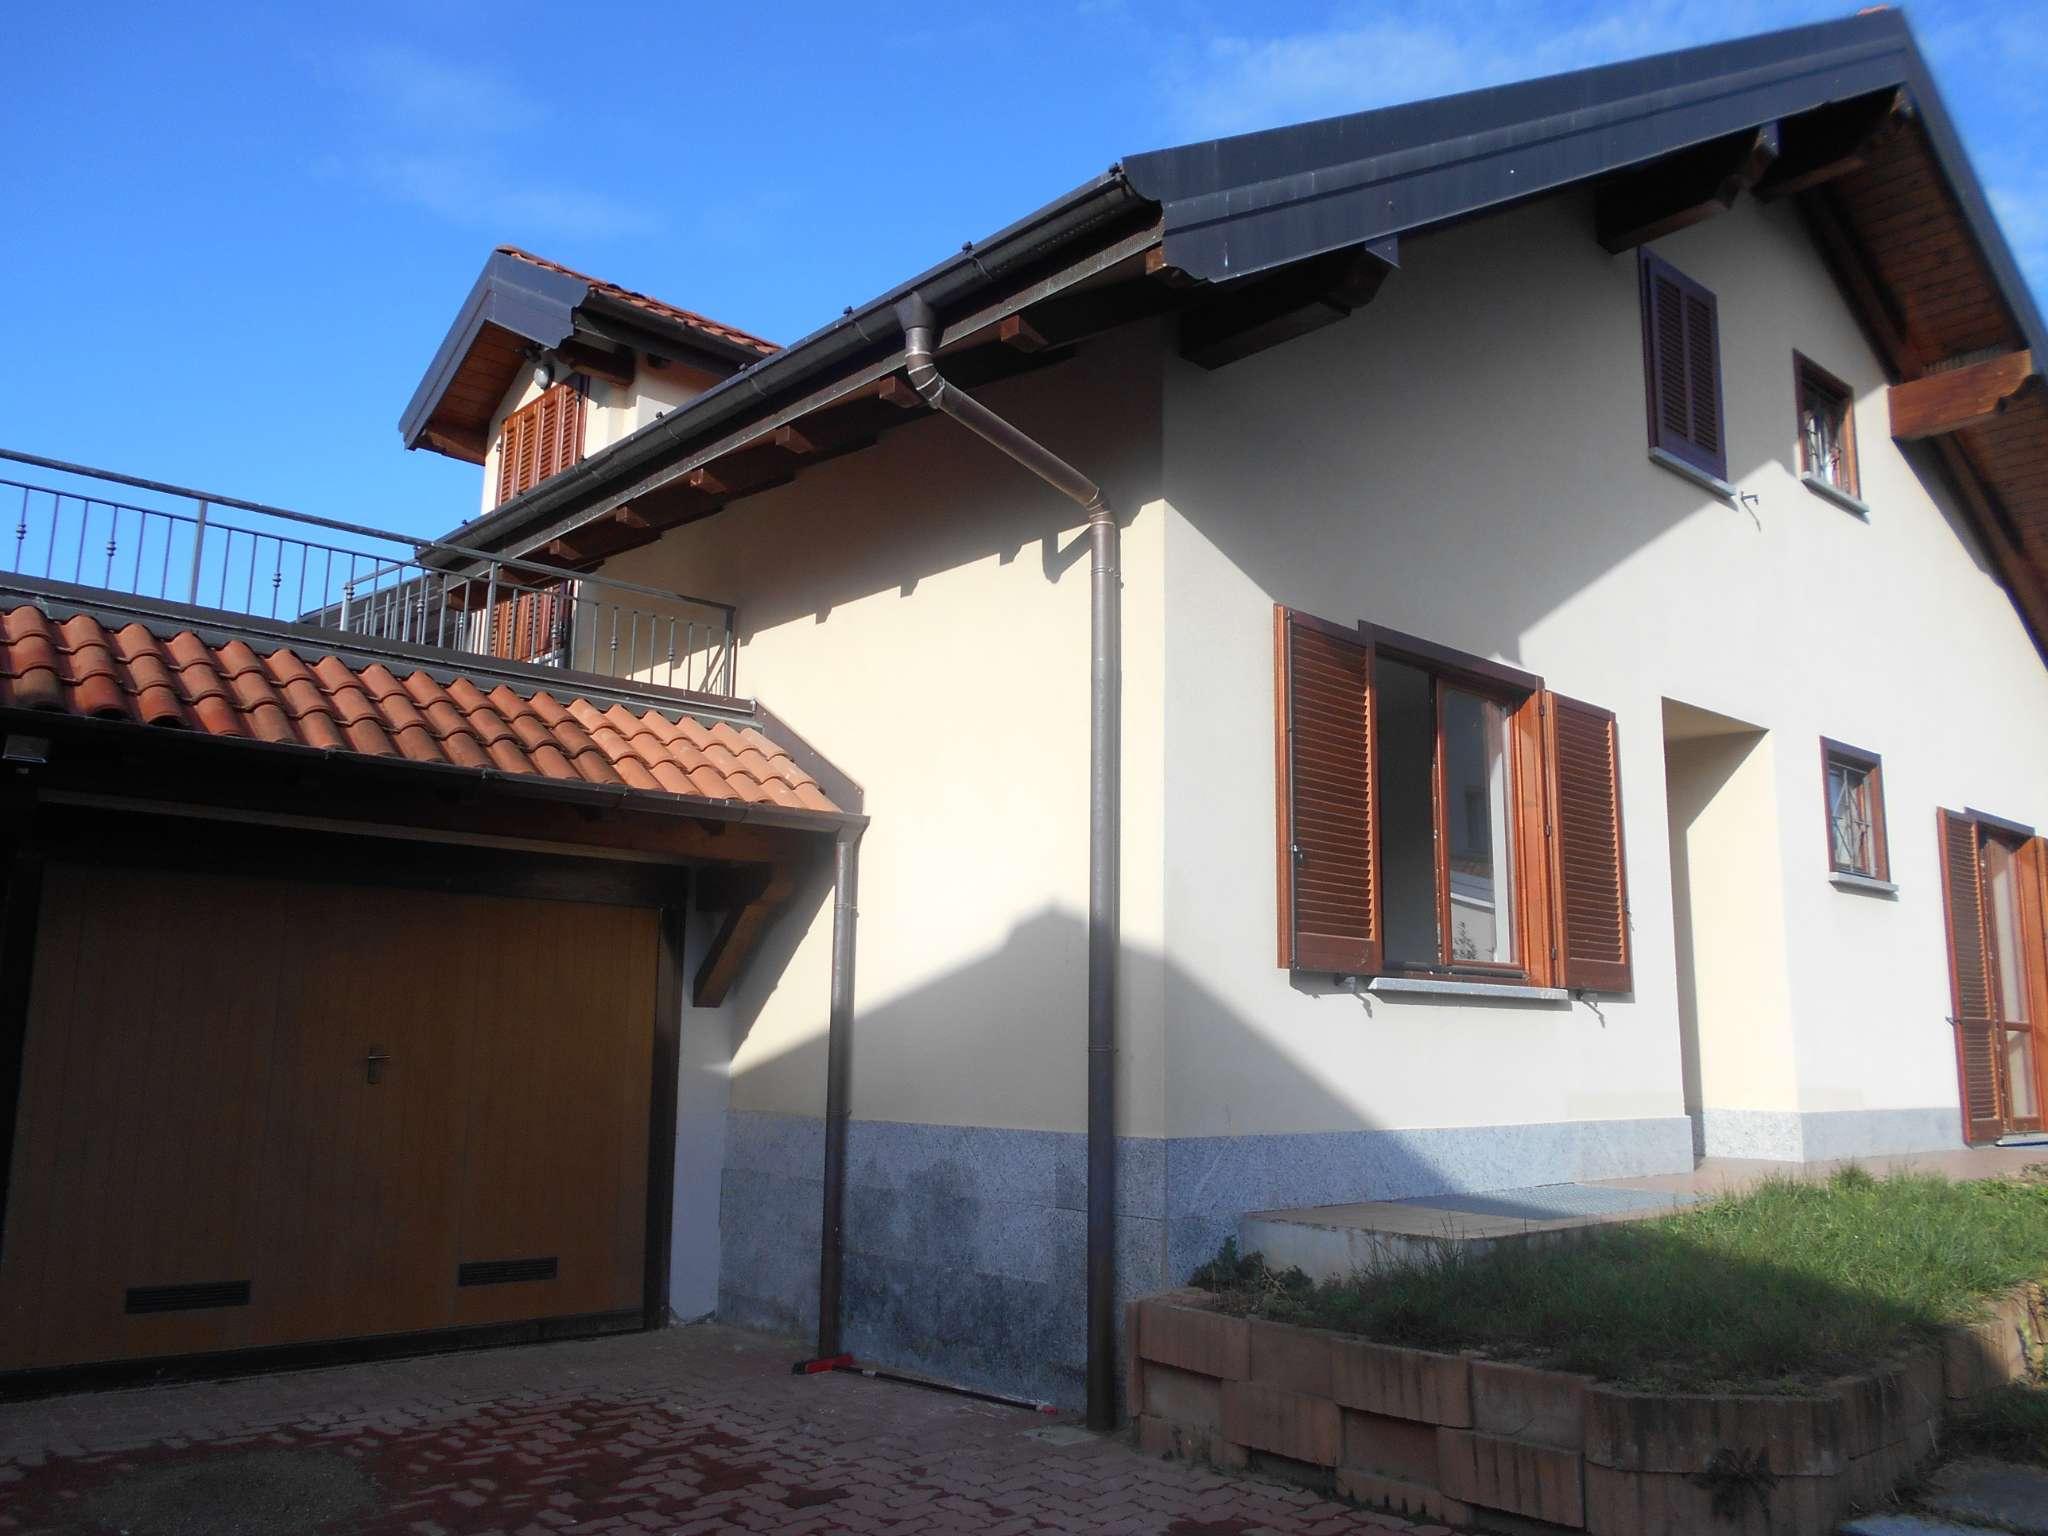 Villa in vendita a Induno Olona, 9 locali, prezzo € 410.000 | PortaleAgenzieImmobiliari.it